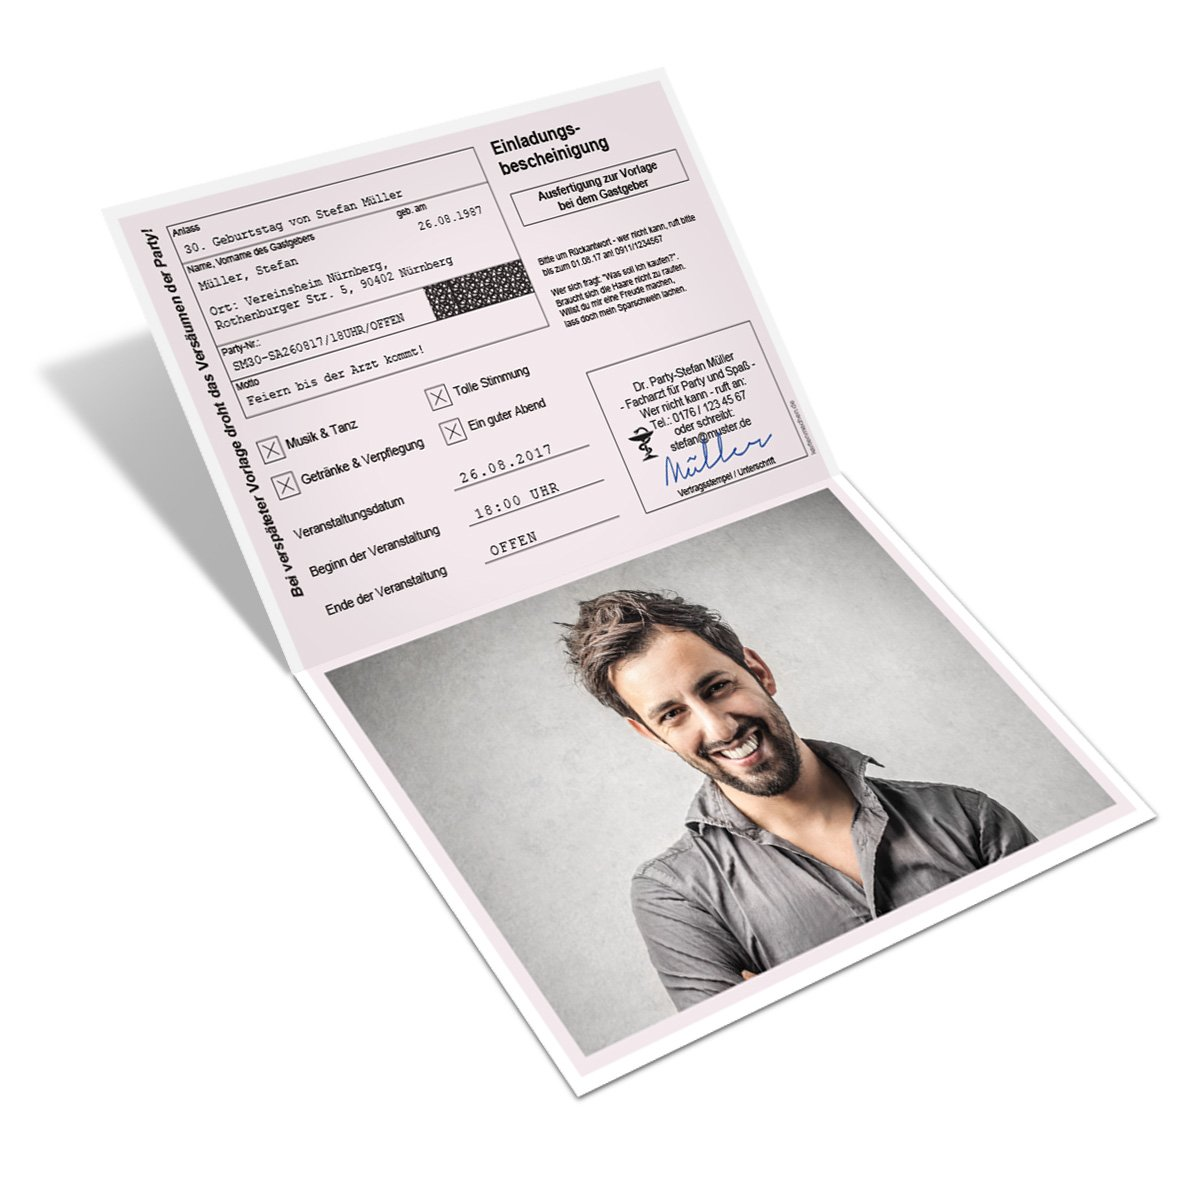 Geburtstag Einladungskarten (60 Stück) Krankschreibung Krankmeldung Klappkarte mit Foto B01N6X9YJ6 | Qualität zuerst  | Elegante Form  | Beliebte Empfehlung